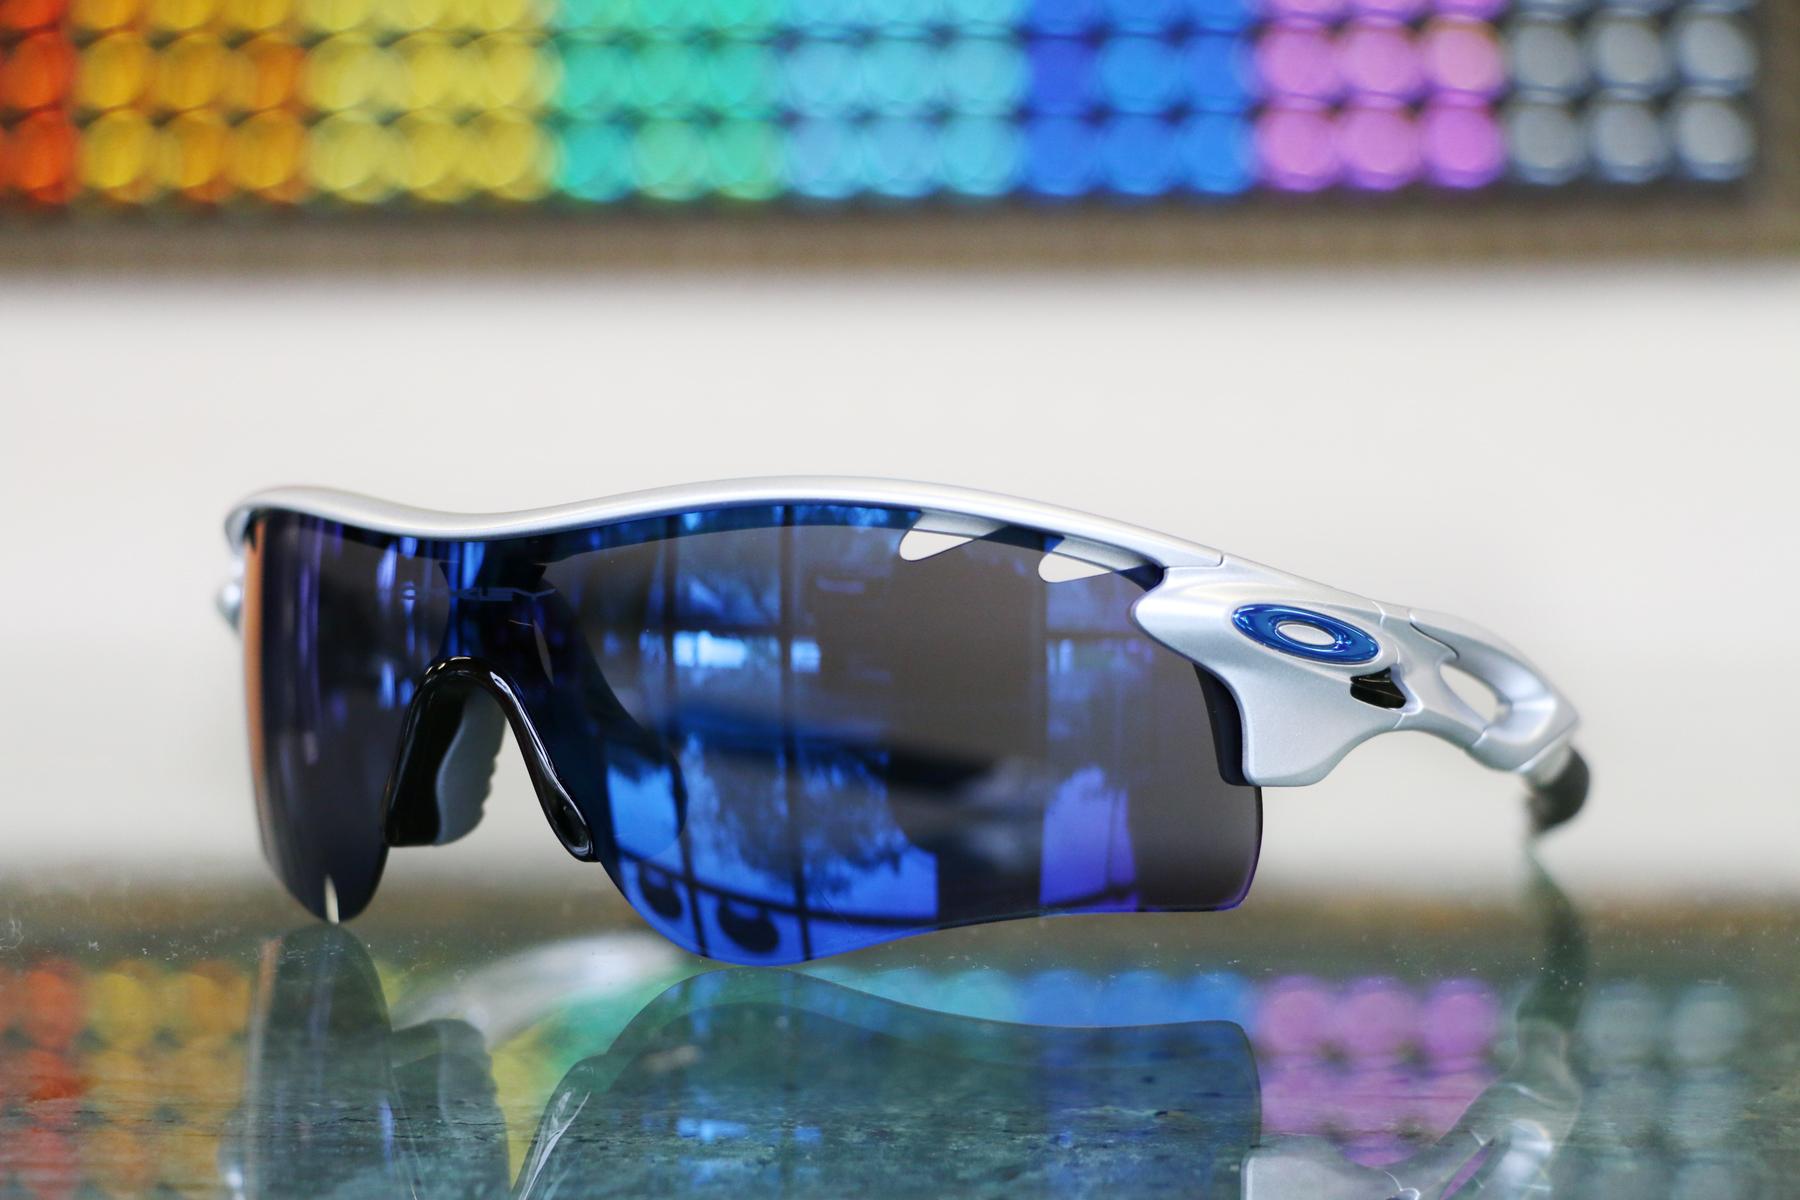 Oakley RadarLock Path, Oakley RadarLock Path, Oakley RadarLock Path Prescription Sunglasses, Tour de France Sunglasses